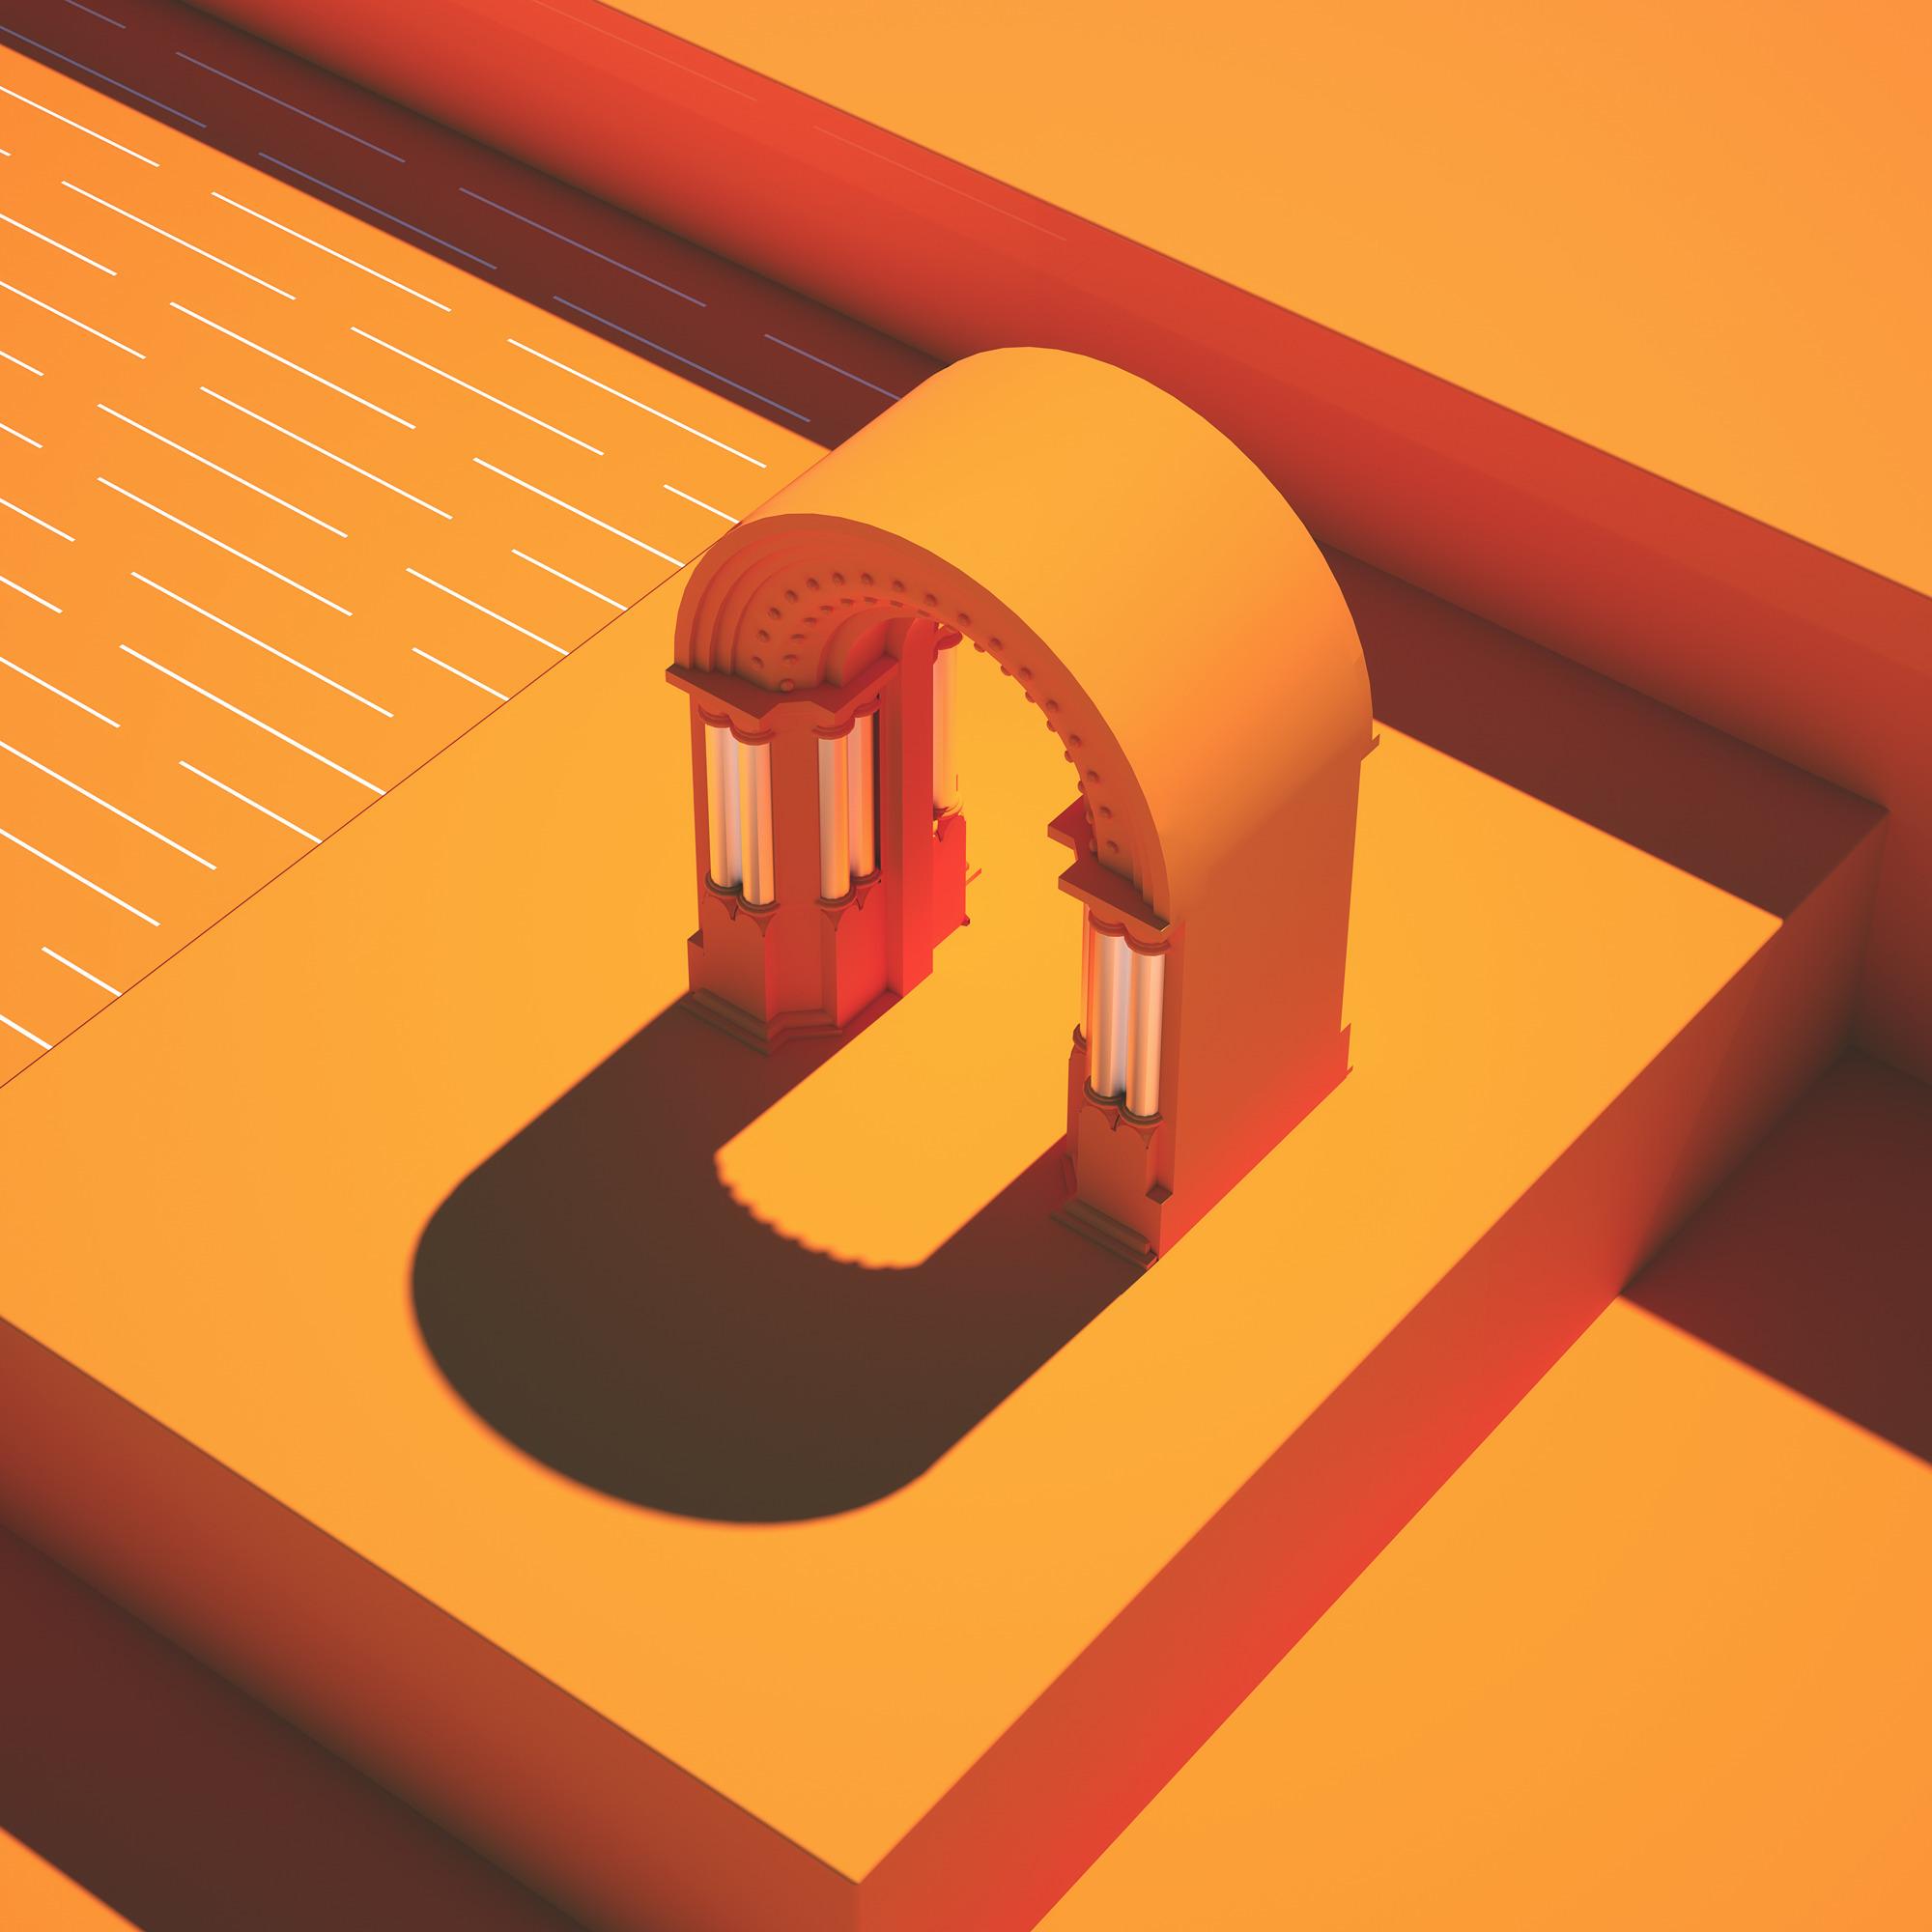 orange - 36daysoftype, 36days_0 - philiplueck | ello